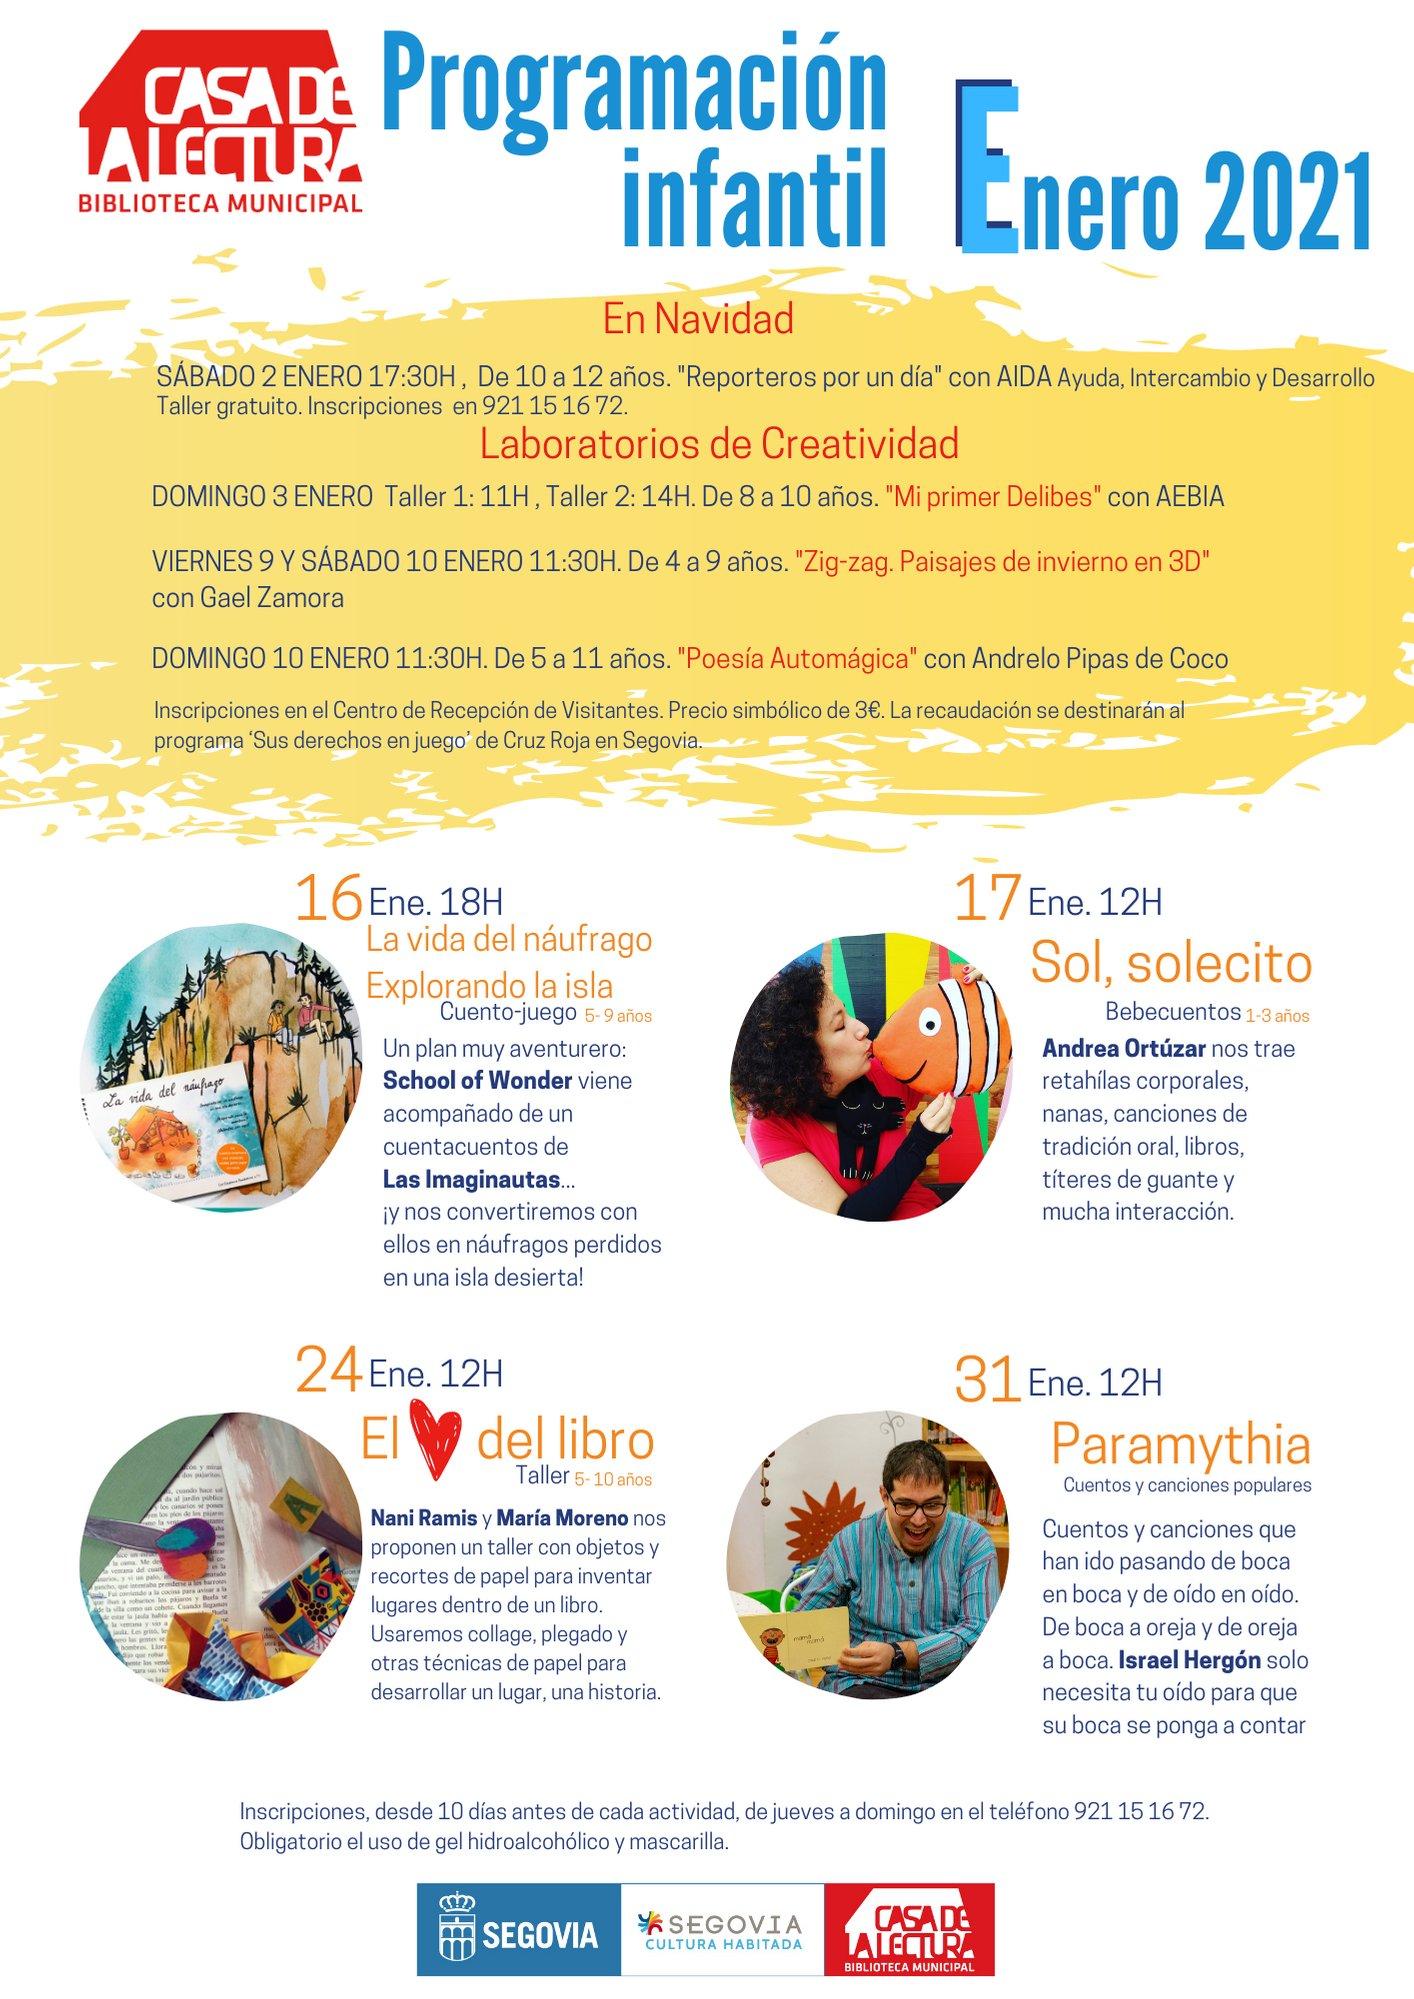 Casa de la Lectura Programación infantil (enero 2021)